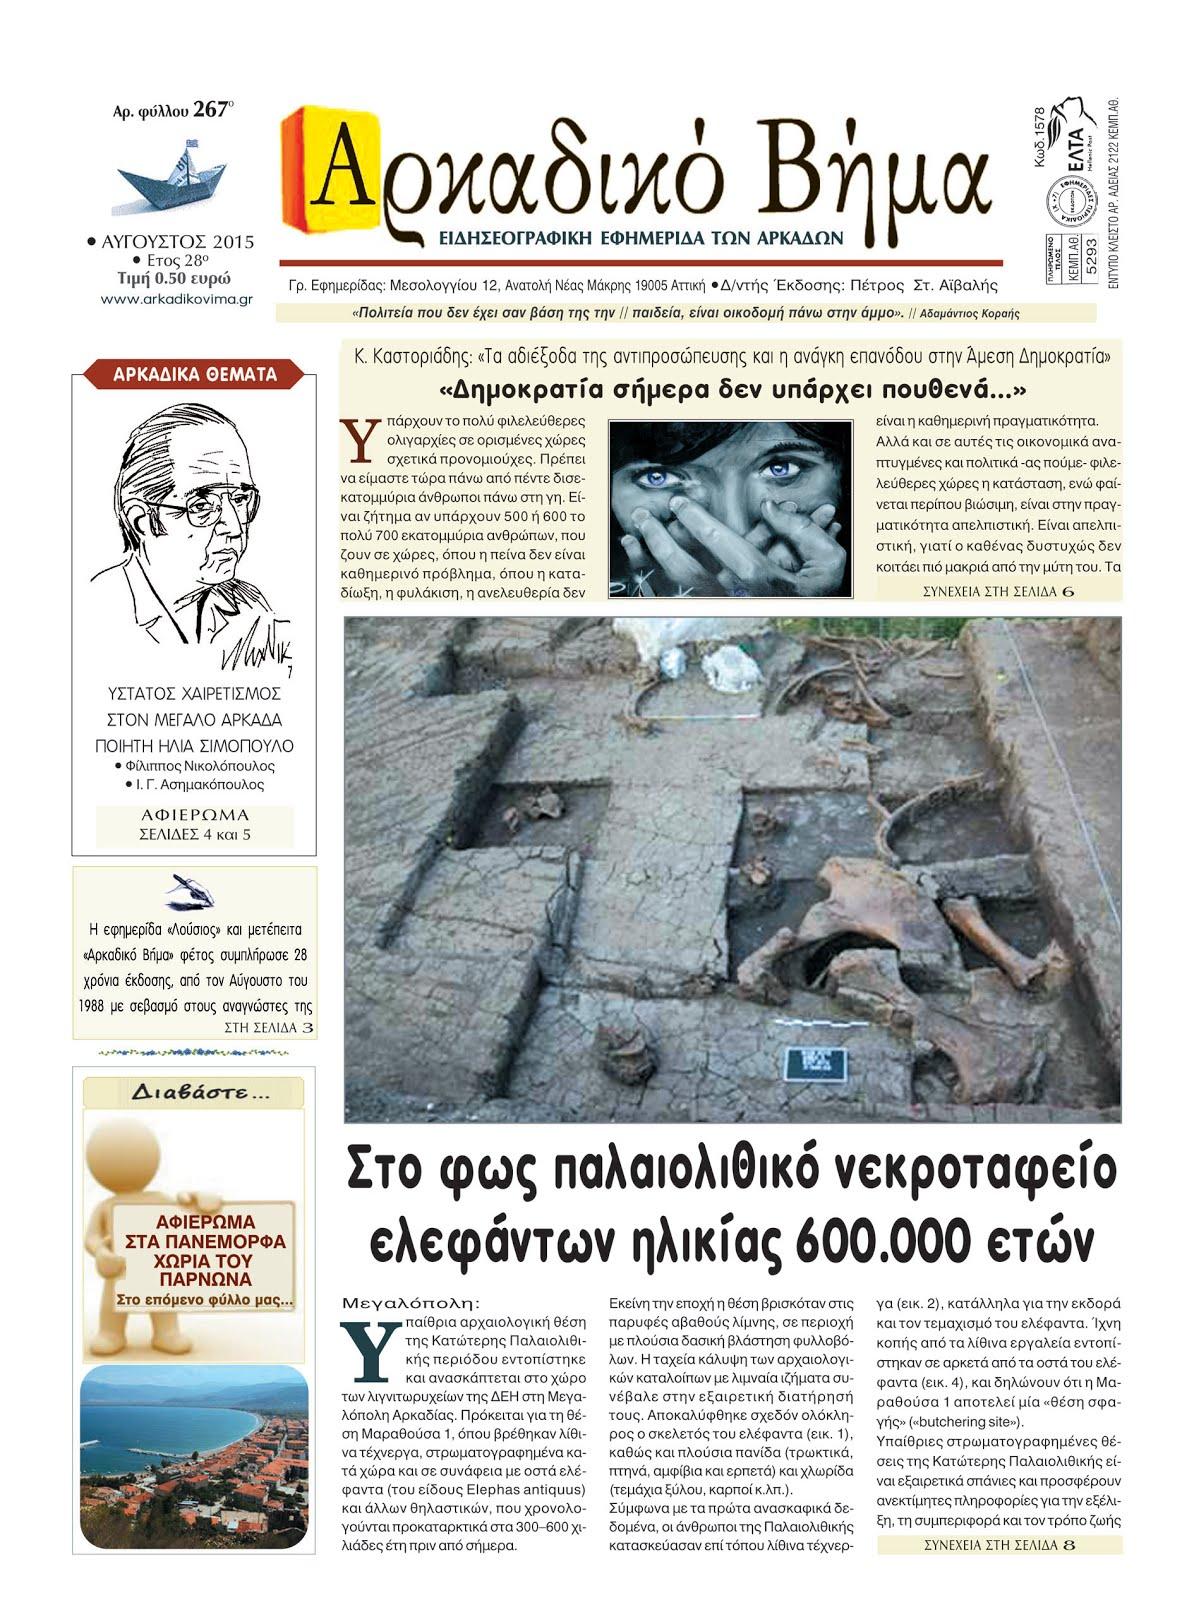 """""""Στο φως παλαιολιθικό νεκροταφείο στη Μεγαλόπολη, ελεφάντων ηλικίας 600.000 ετών"""